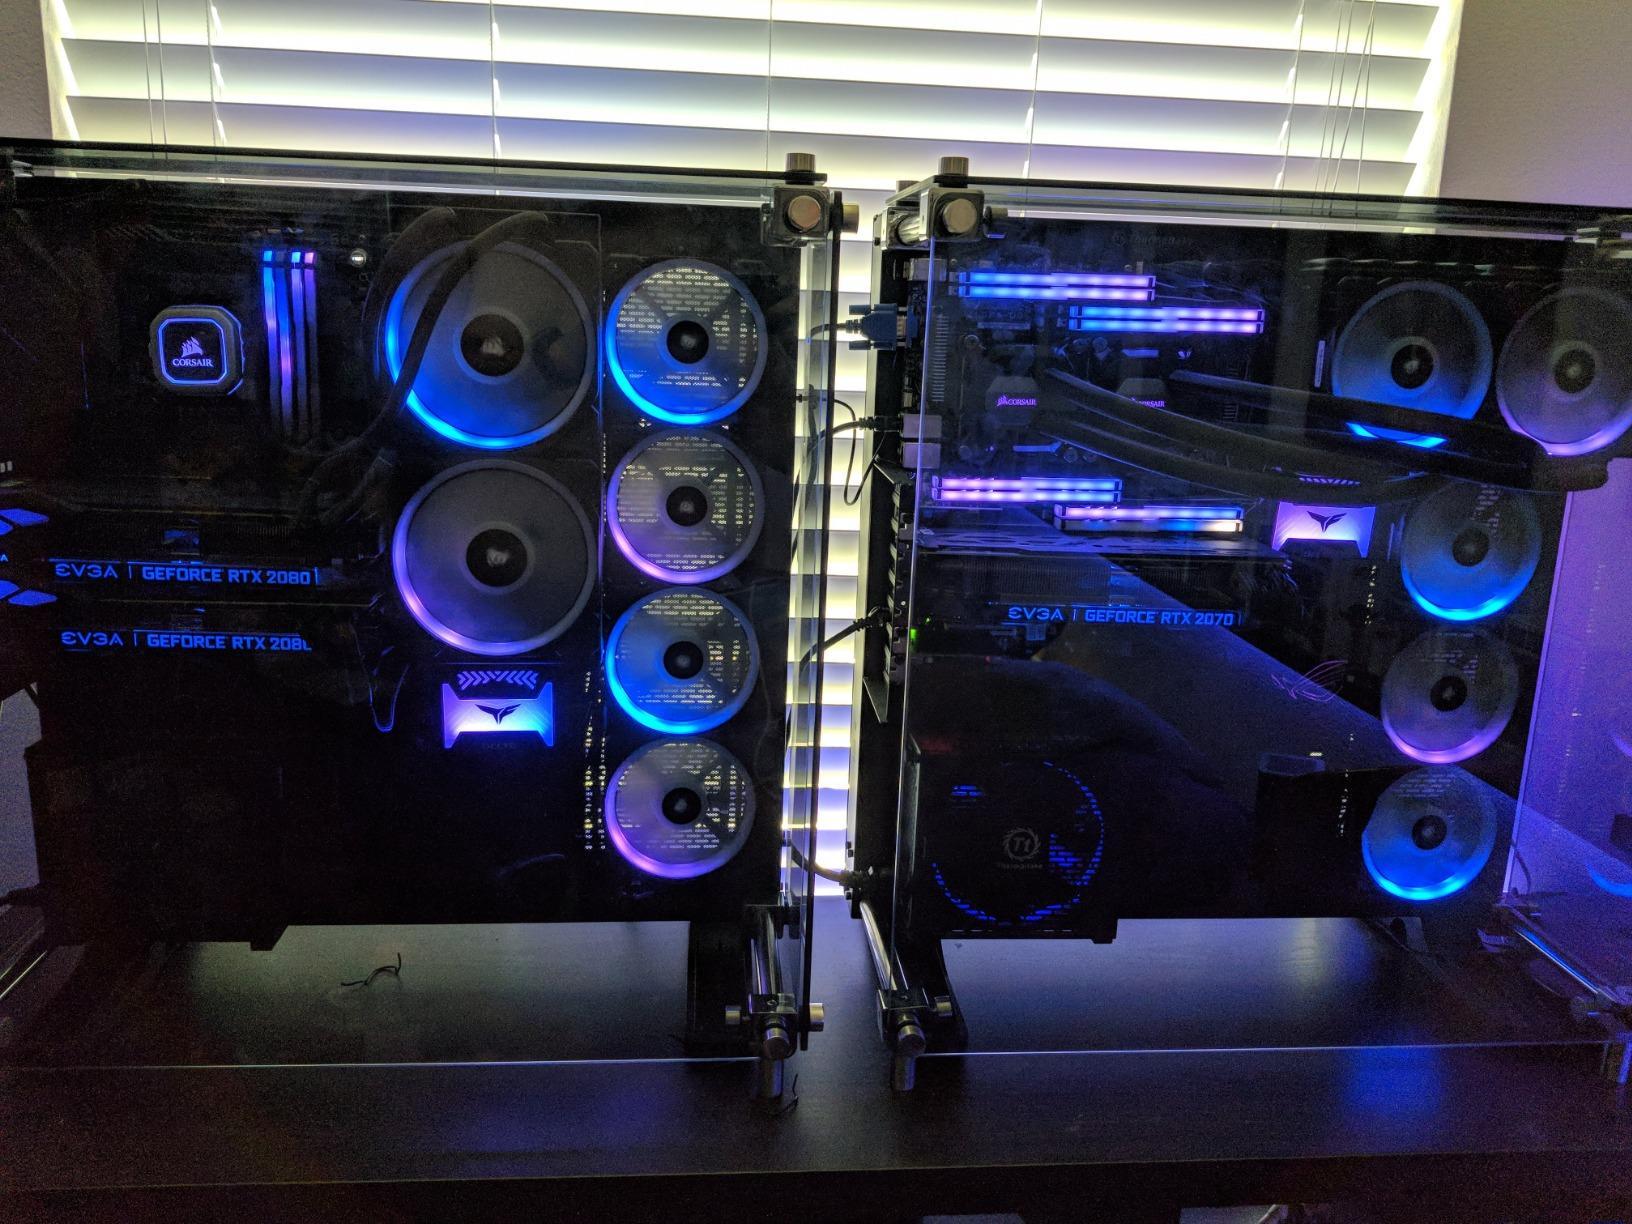 EZDIY-FAB 12V RGB Memory RAM Cooler DDR Heatsink for DIY PC